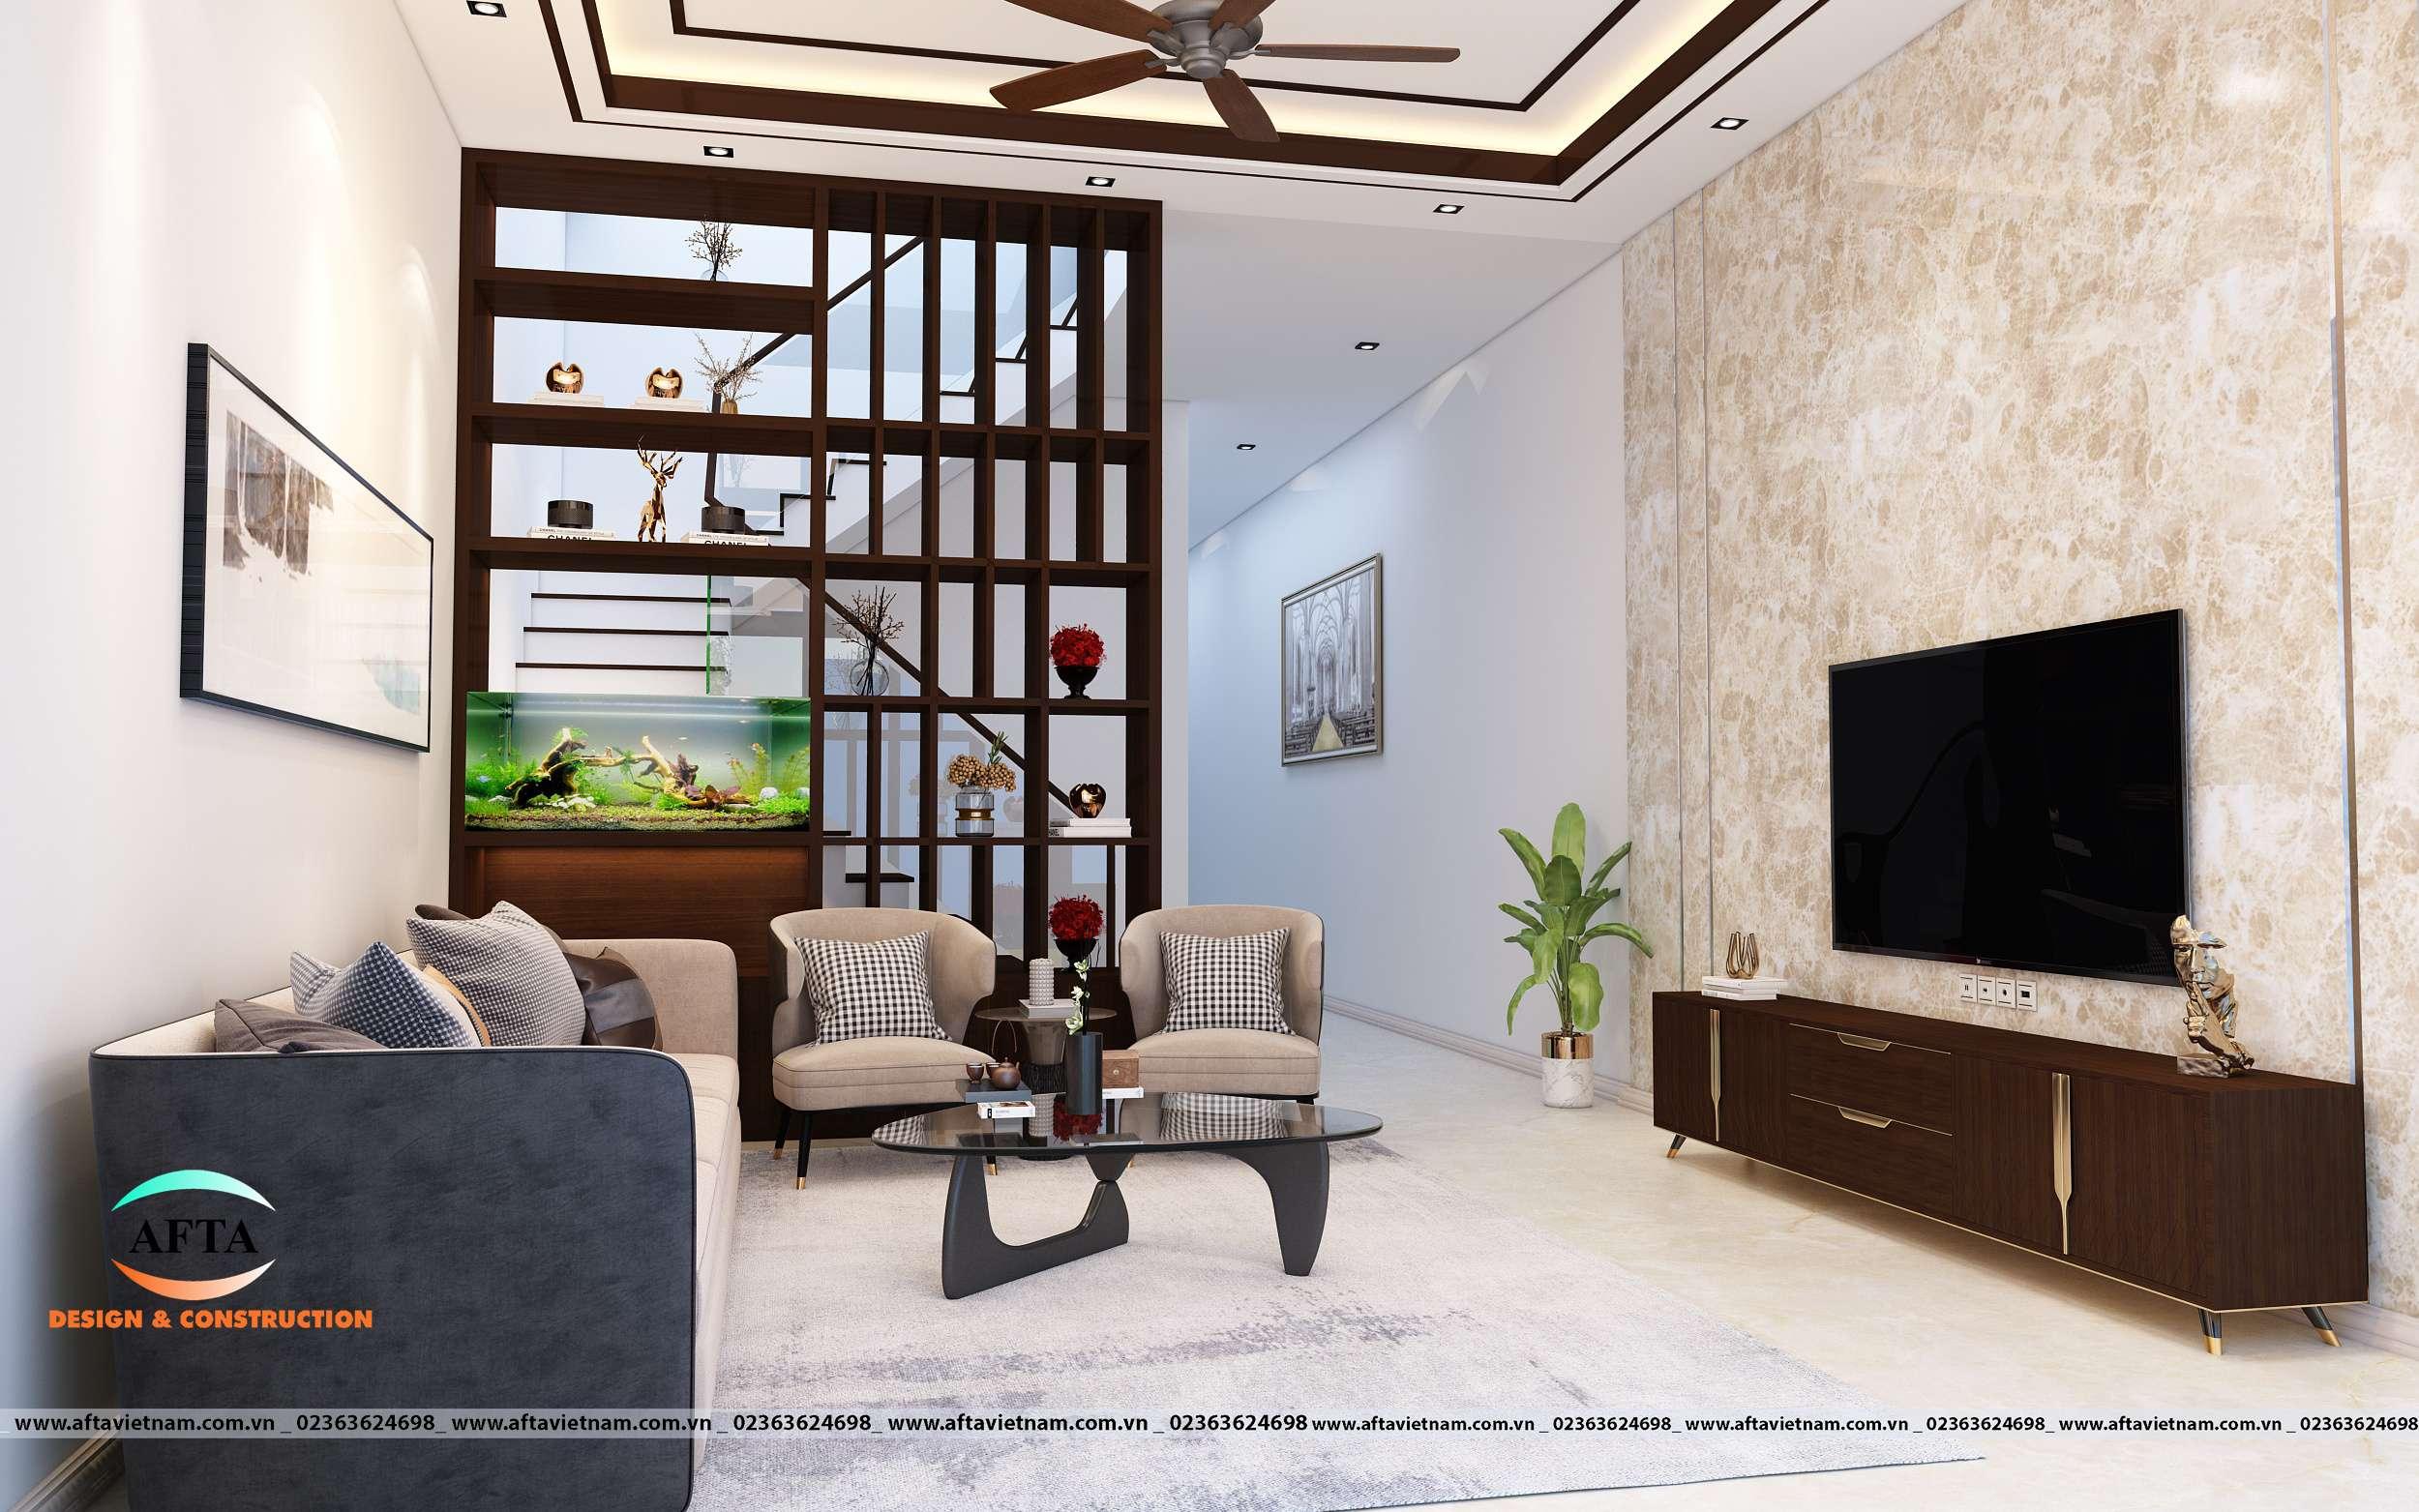 Phòng khách và bếp nhà ống 2 tầng 3